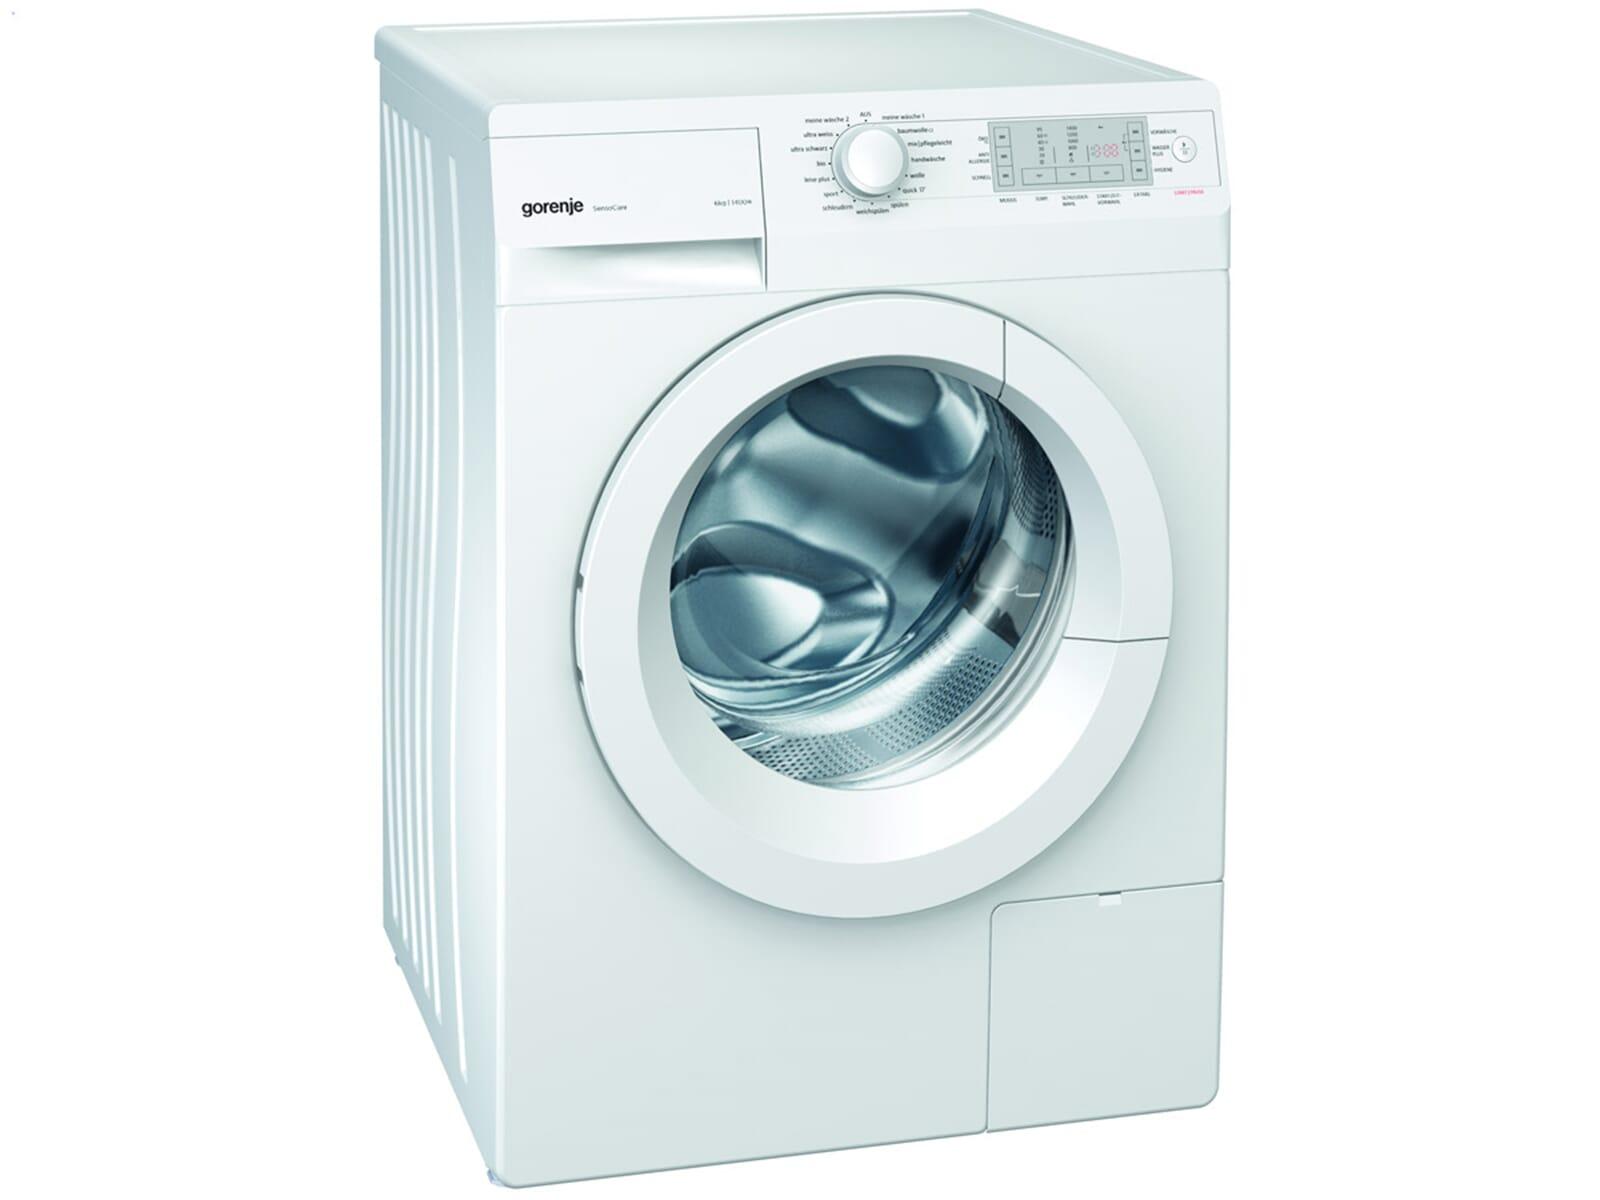 Gorenje Kühlschrank Seriennummer : Gorenje wa waschmaschine weiß